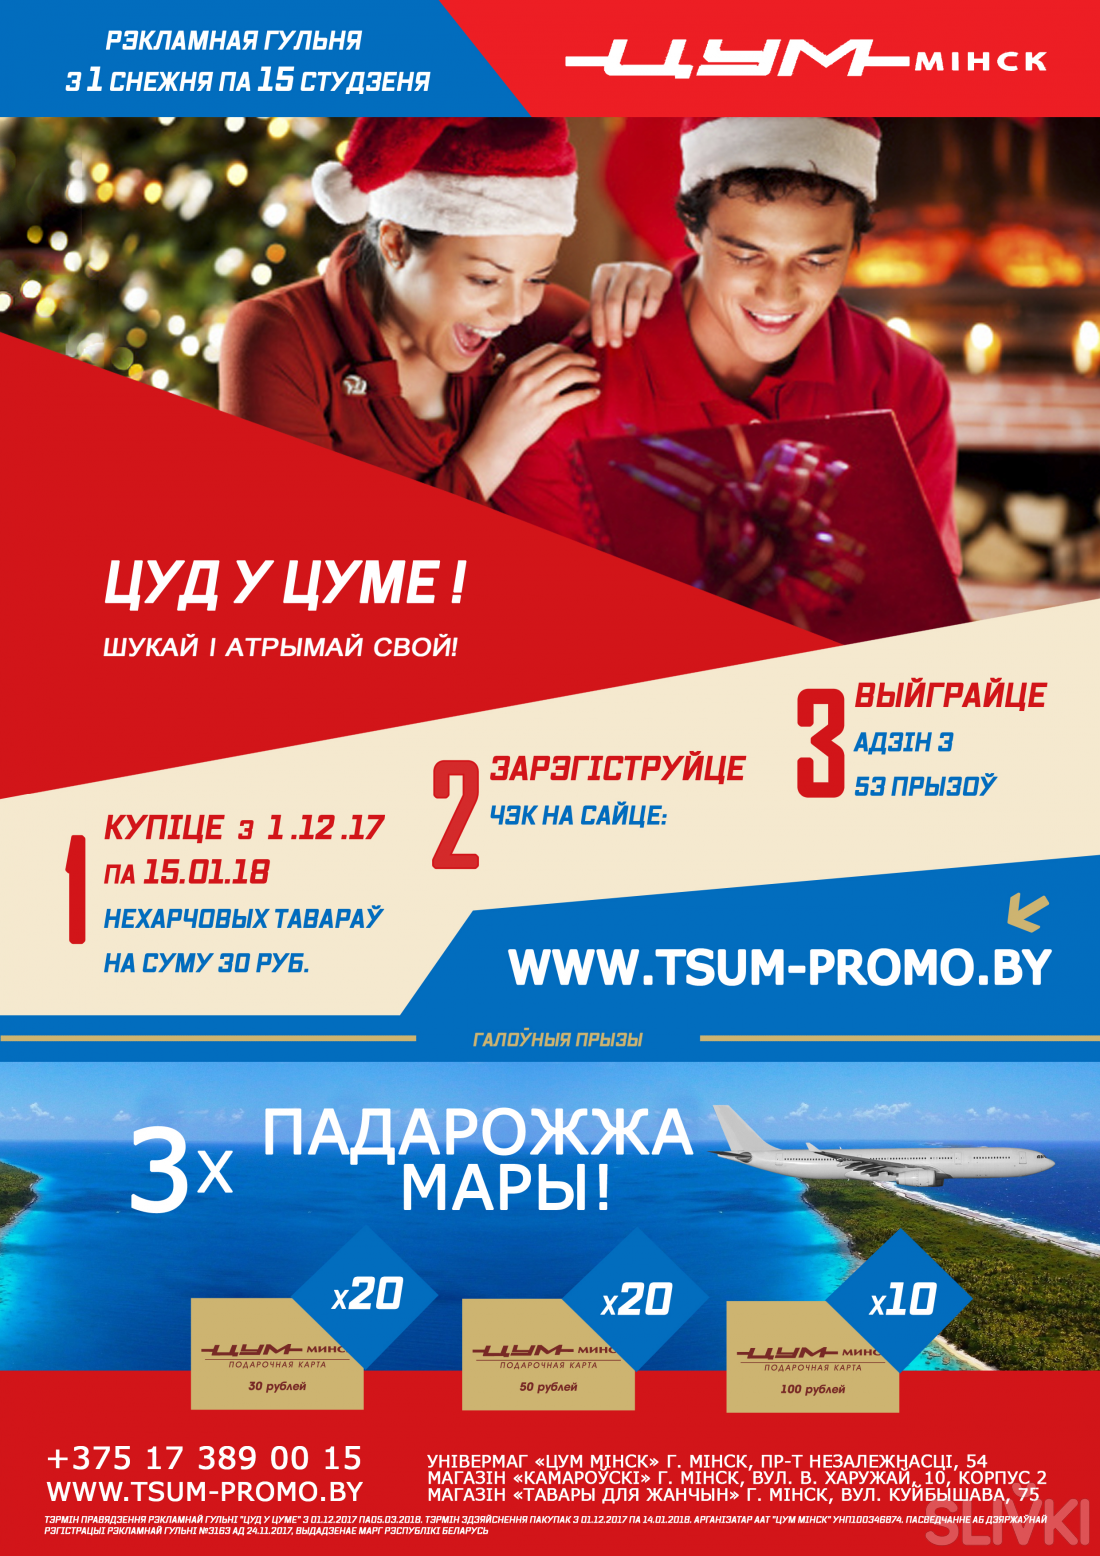 """Рекламная игра """"Цуд  ў ЦУМе""""! Выиграйте путешествие мечты!"""